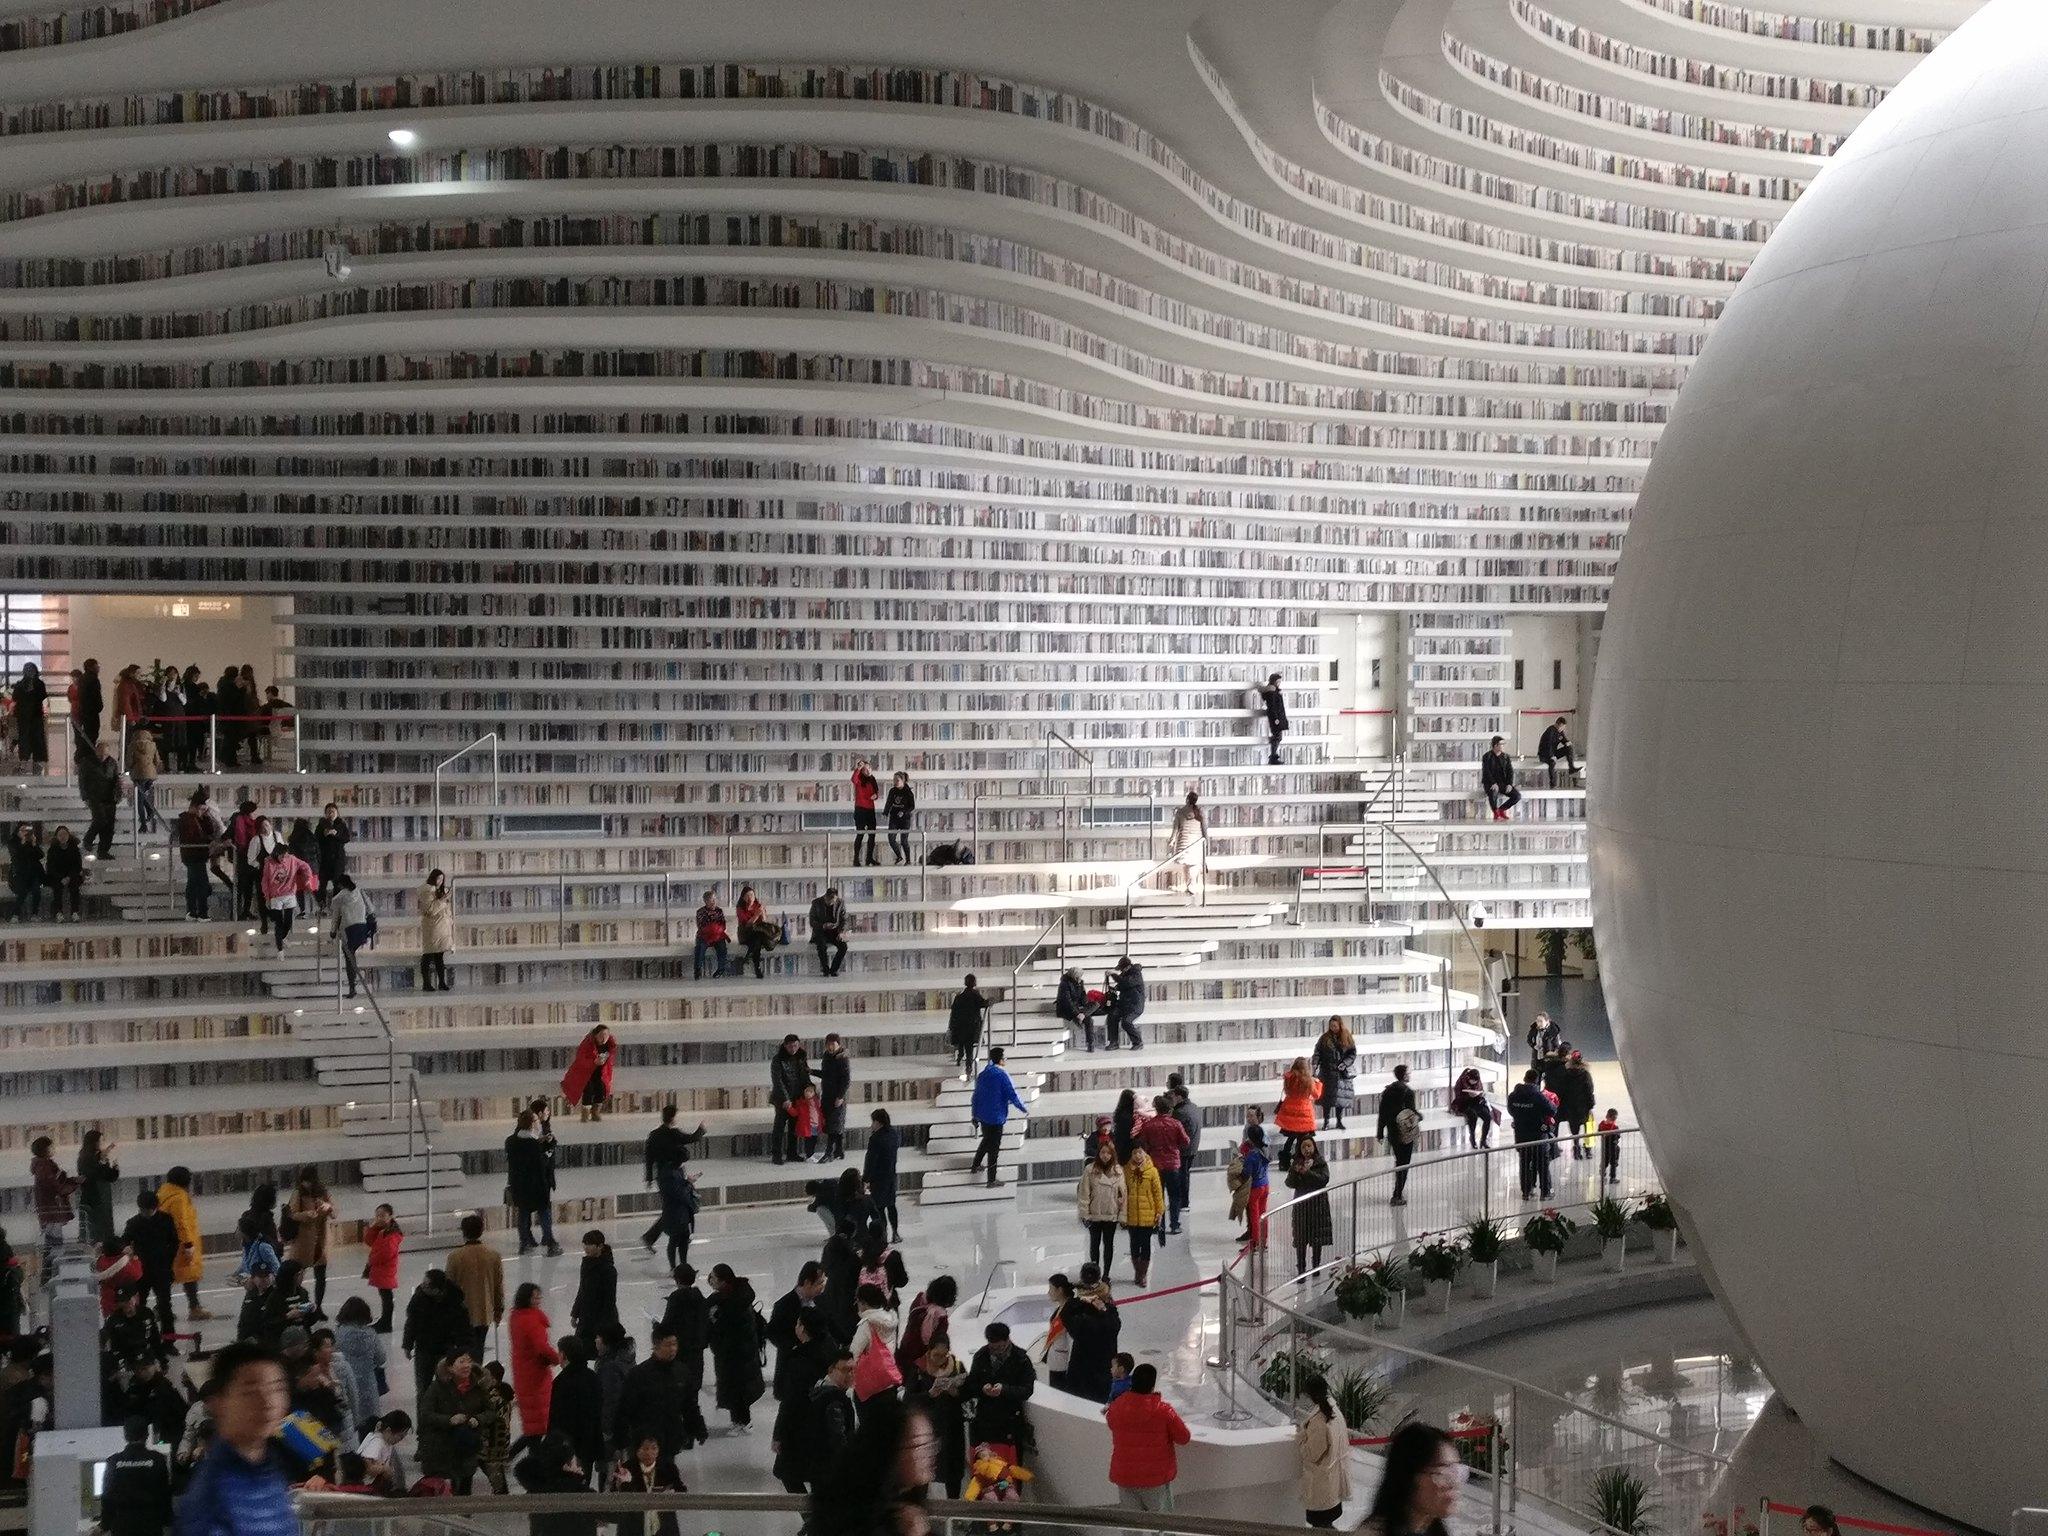 Tianjin binhai library by MVRDV